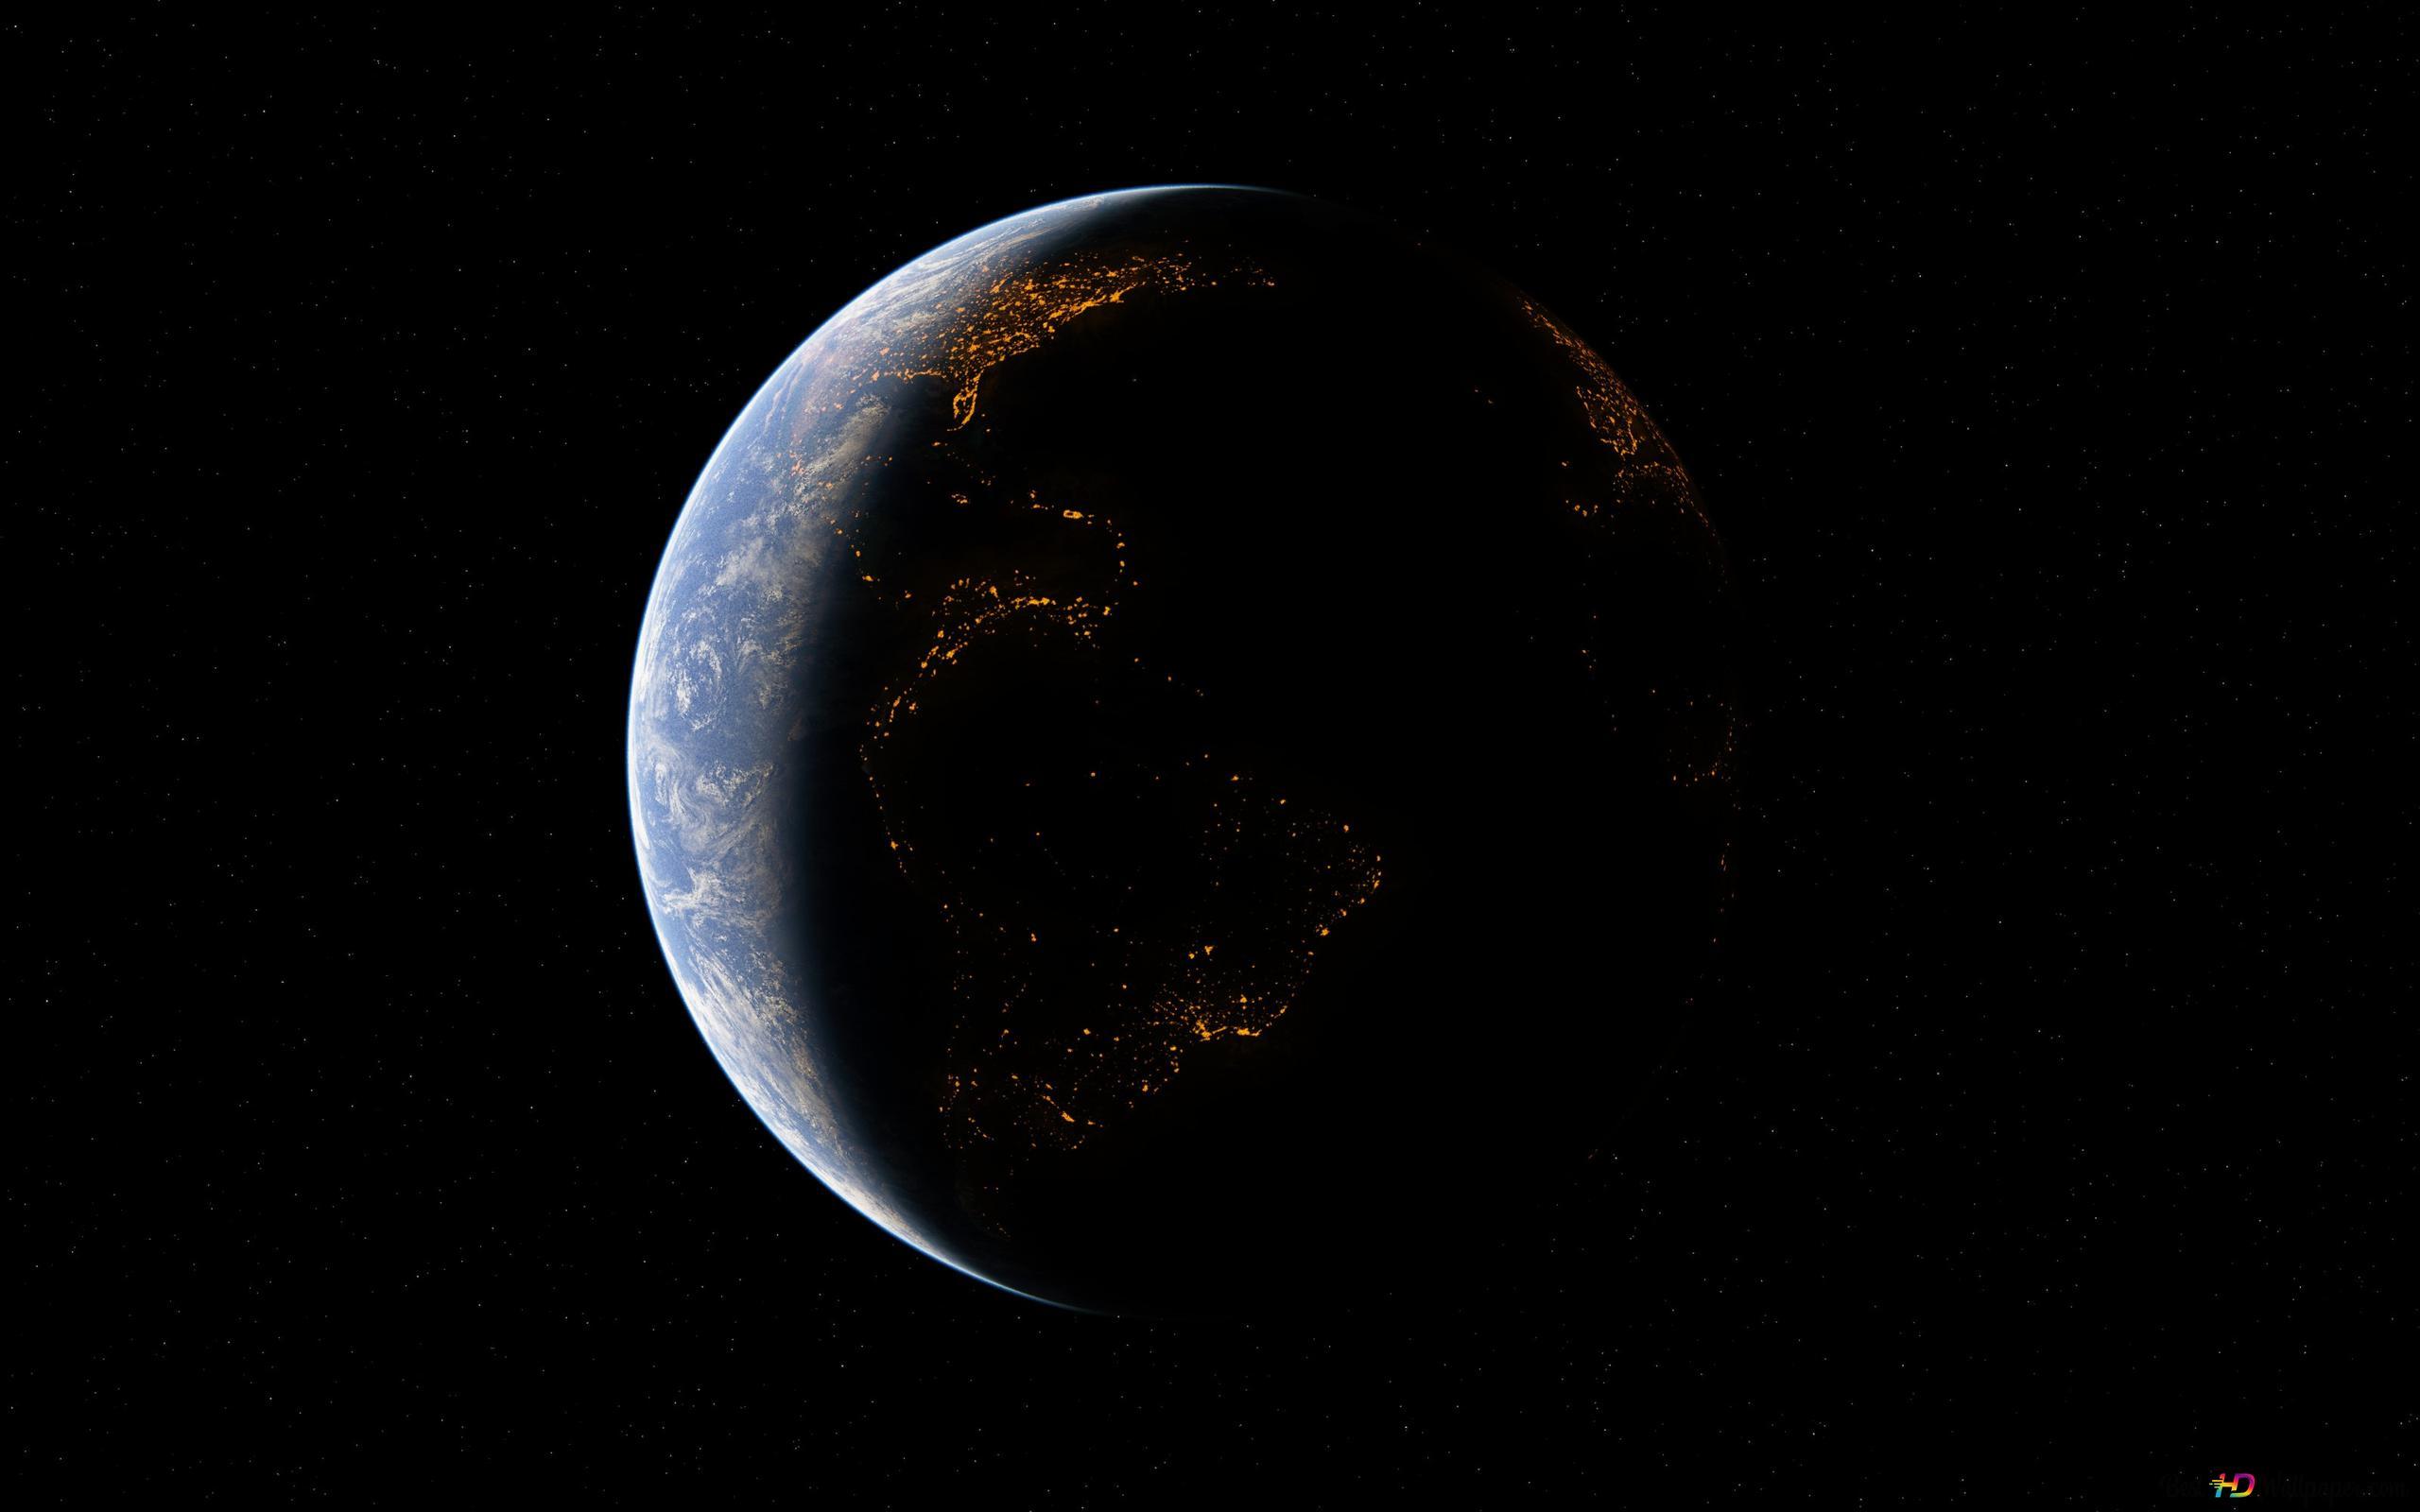 Notte La Terra Dallo Spazio Download Di Sfondi Hd